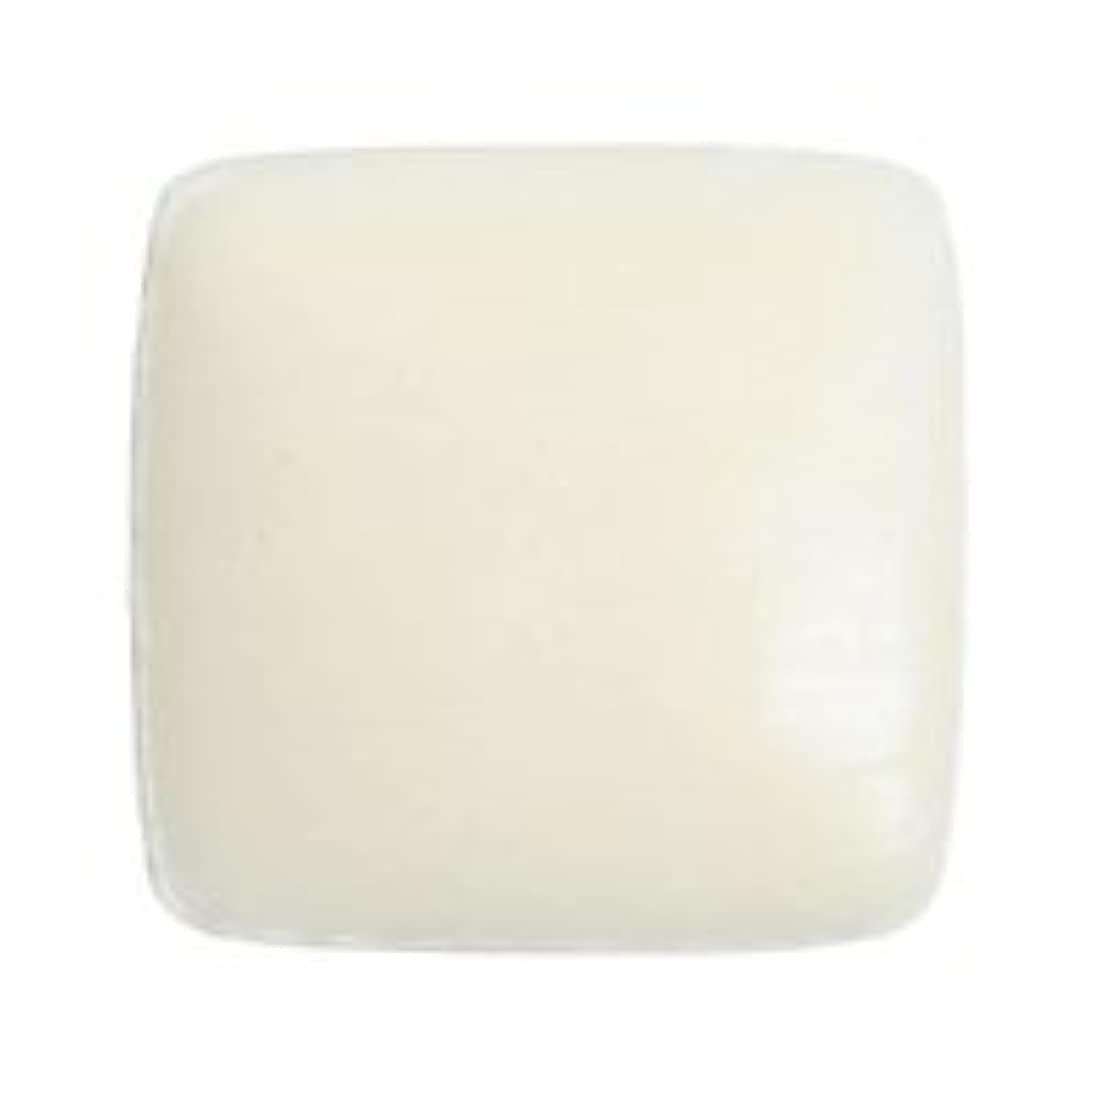 リングレットヘビー難しいドクターY ホワイトクレイソープ80g 固形石鹸